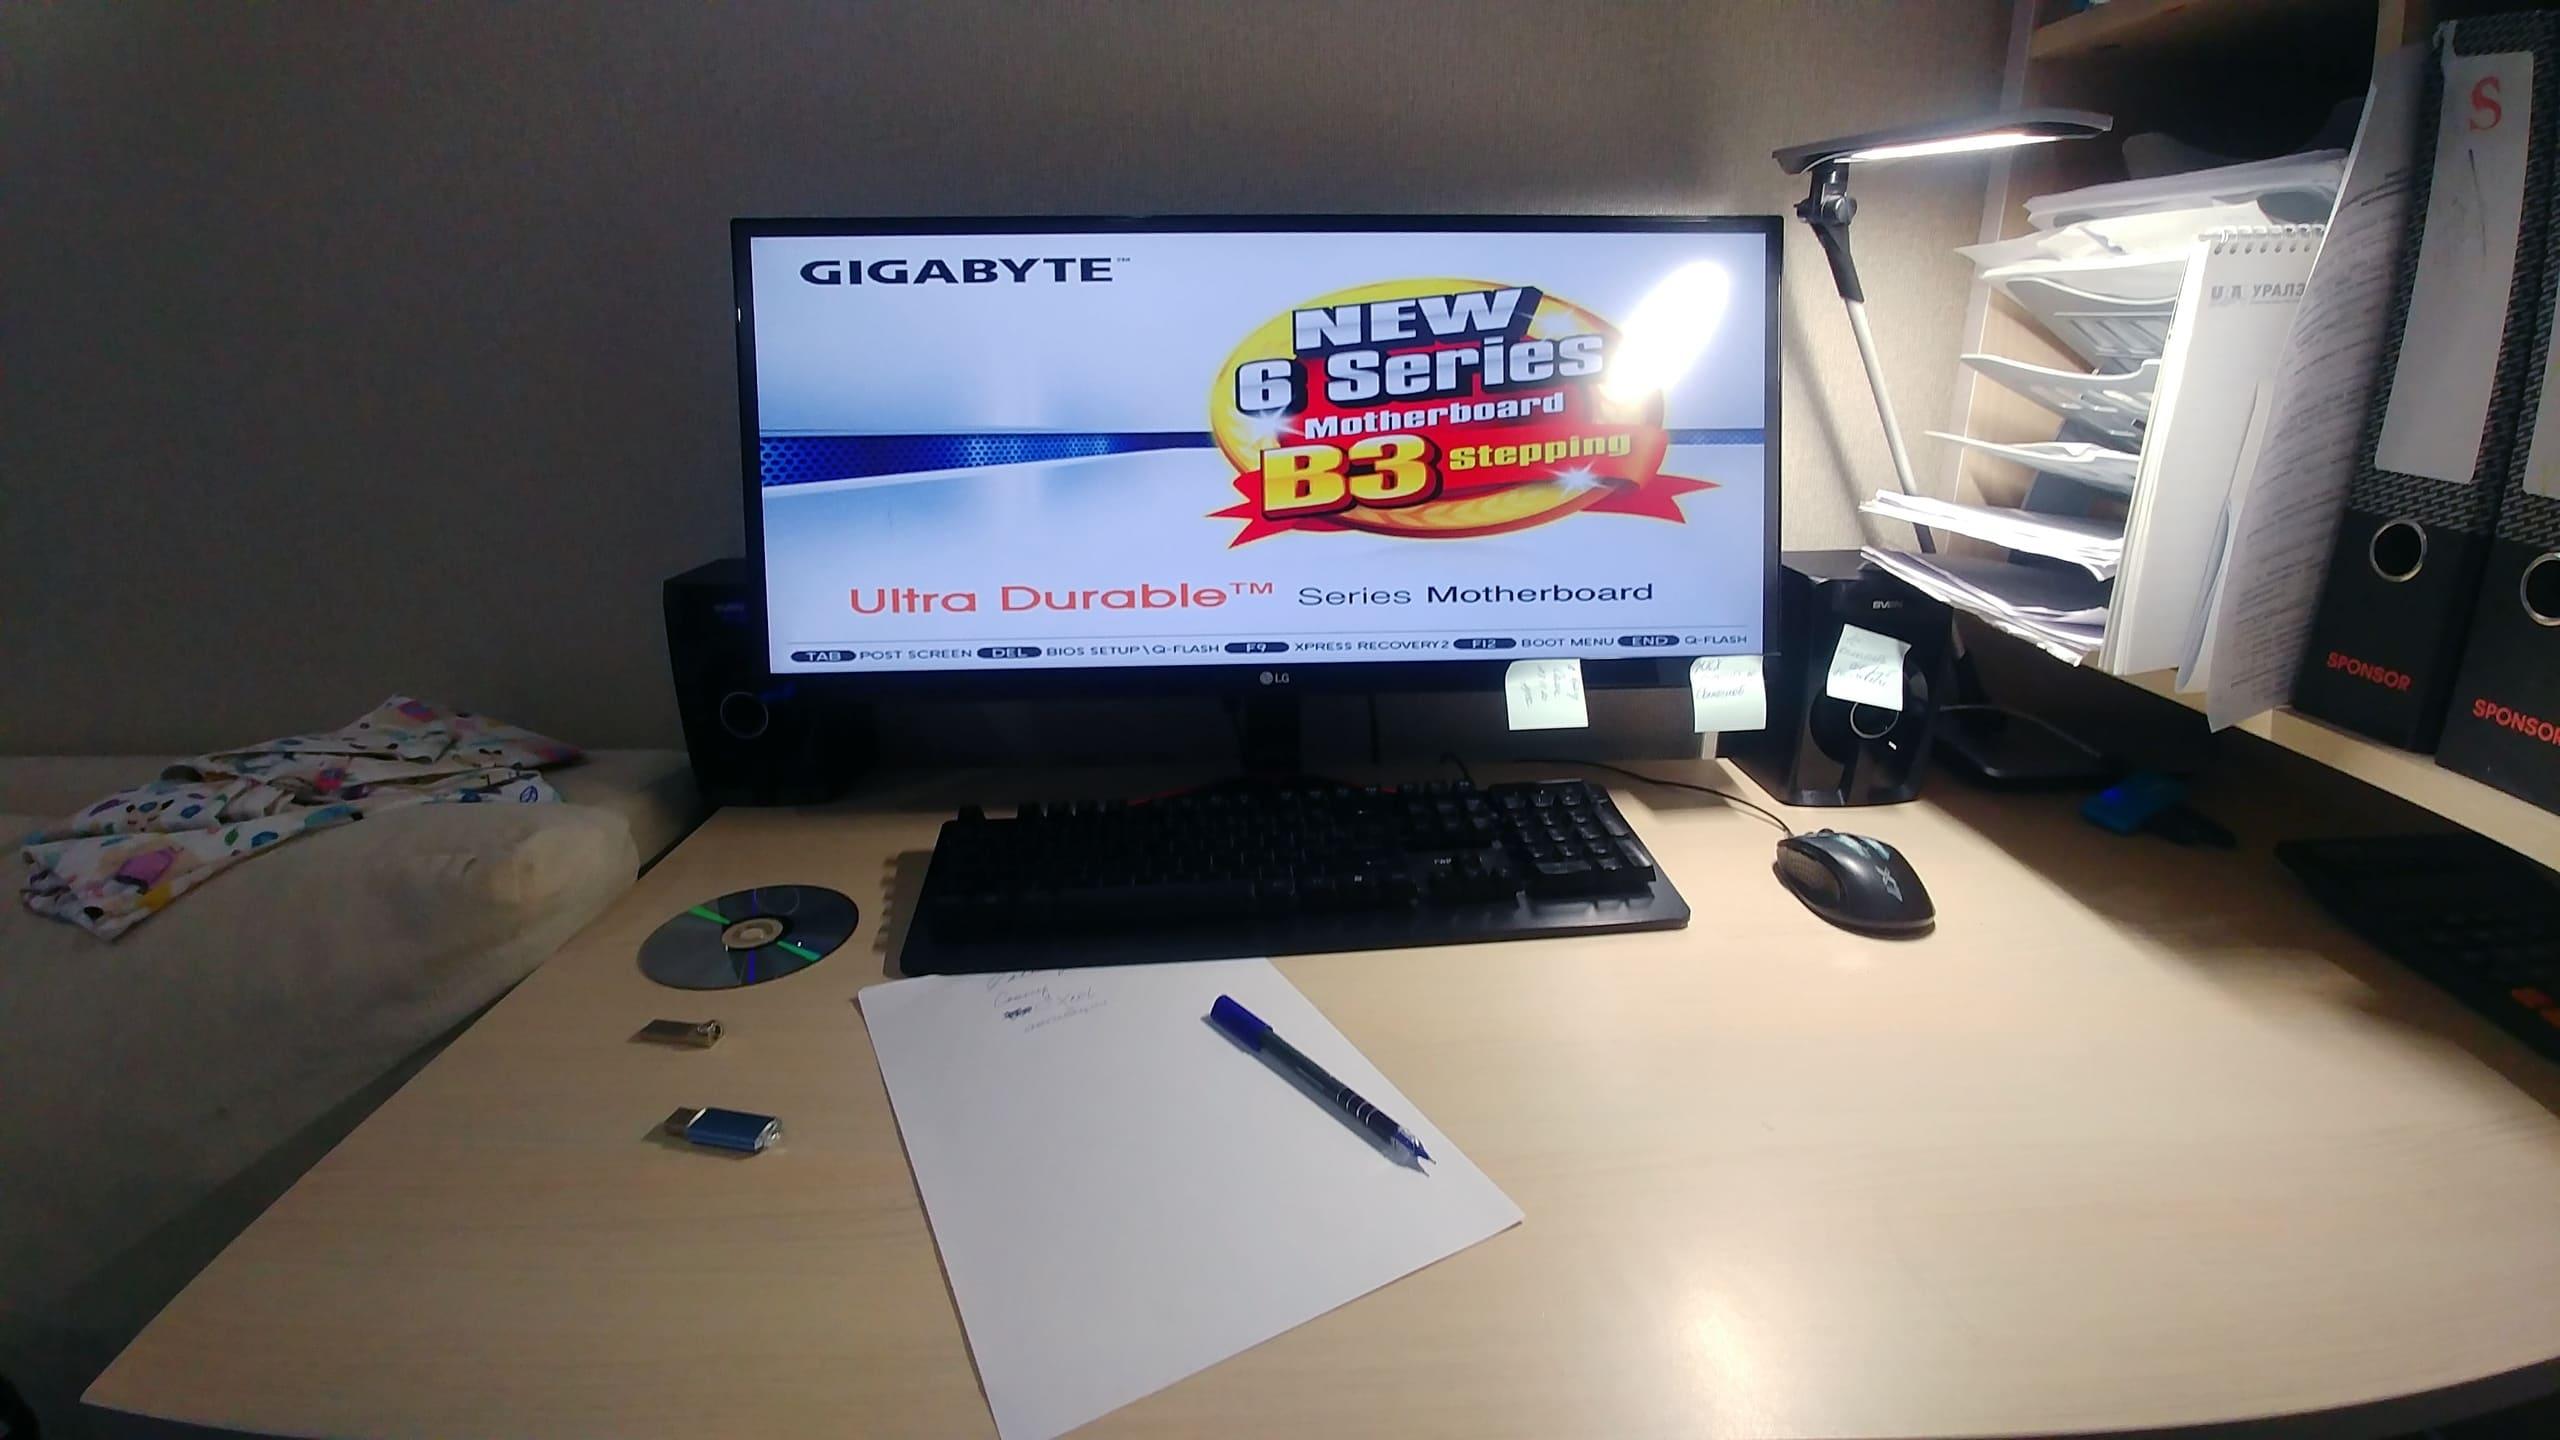 Установка принтера, настройка и оптимизация системы